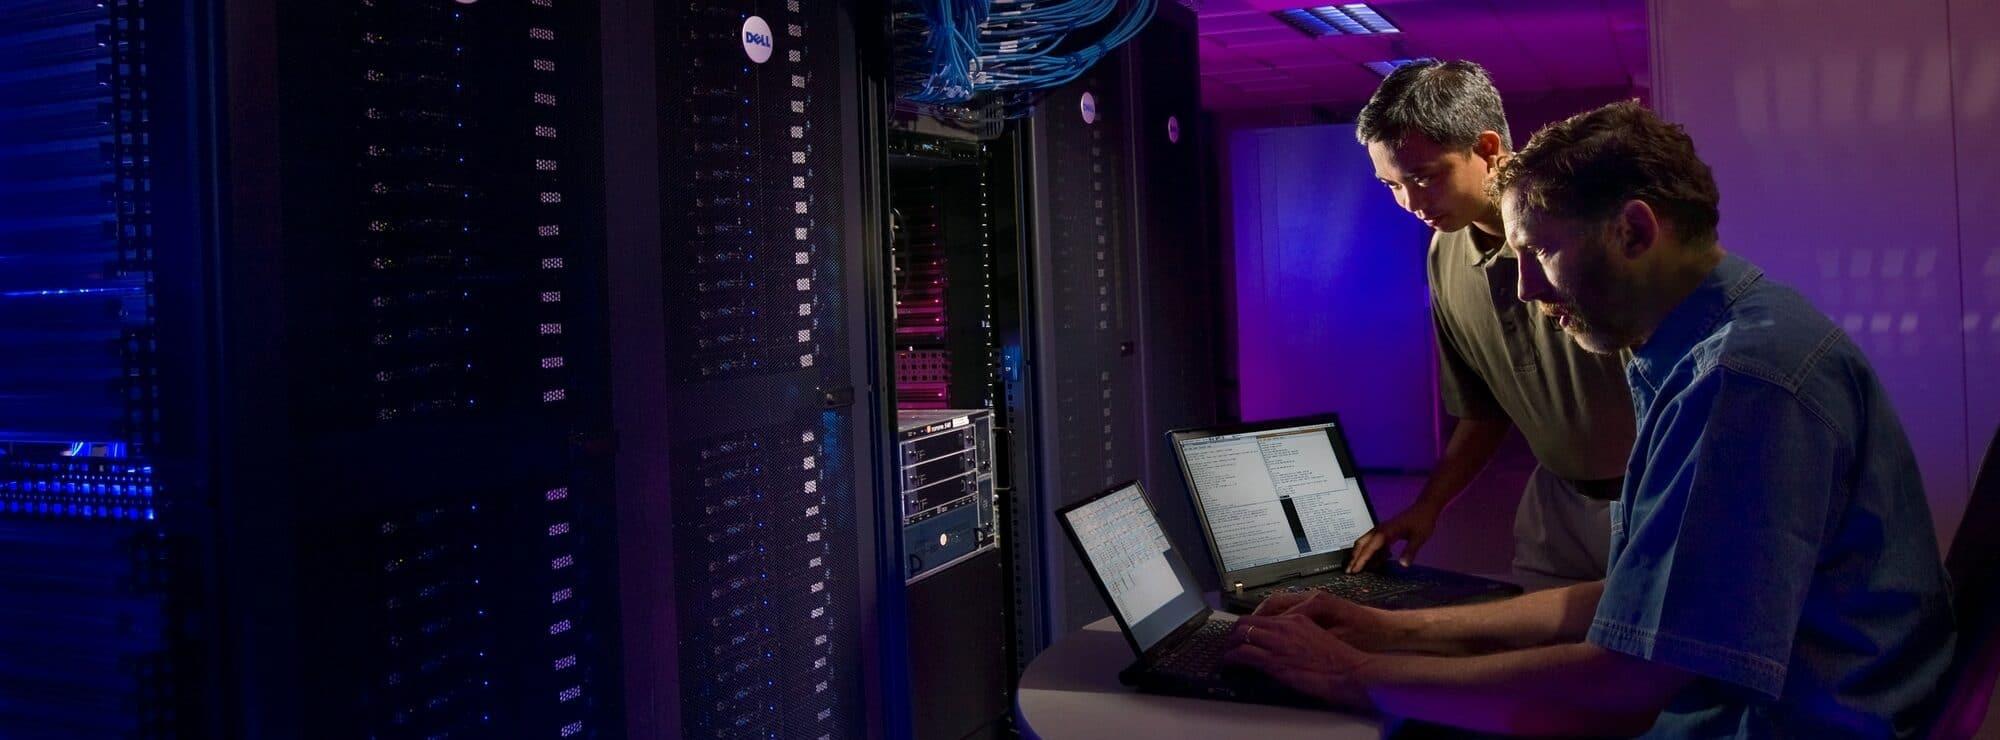 Backup-Virtualisierung zum Schutz vor Cyber-Angriffen